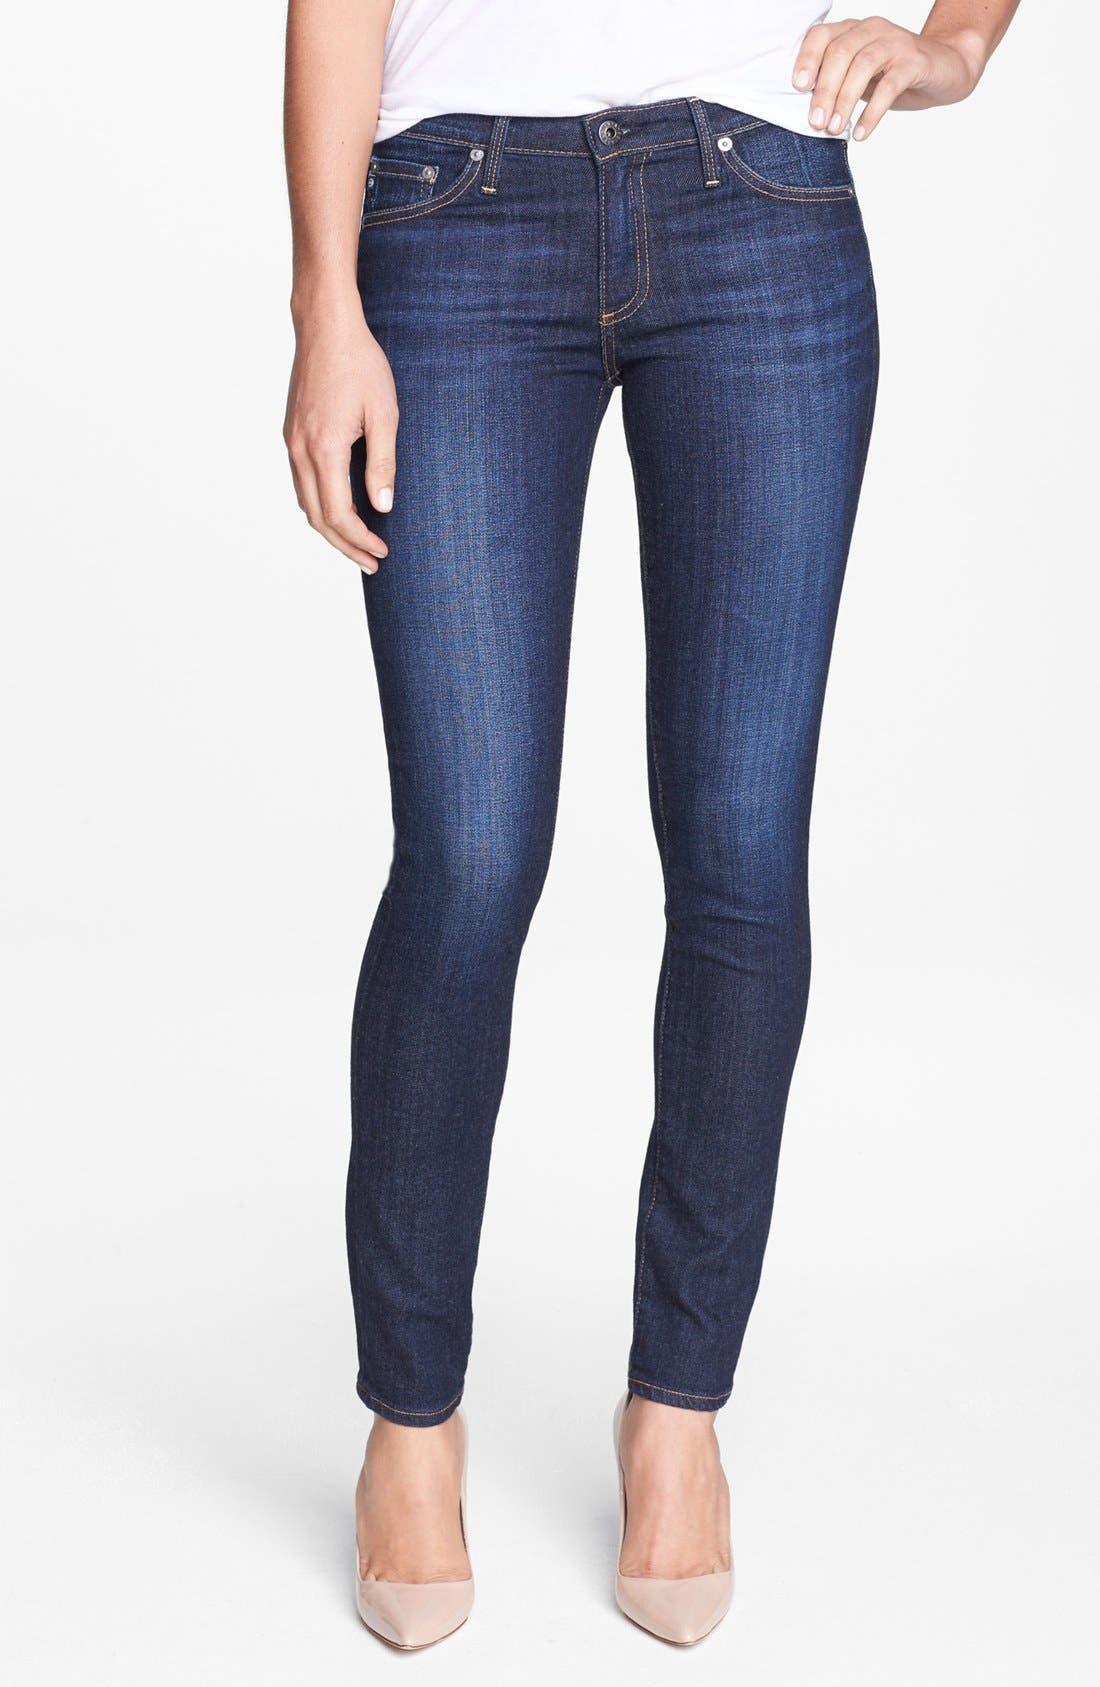 AG 'The Stilt' Cigarette Leg Jeans